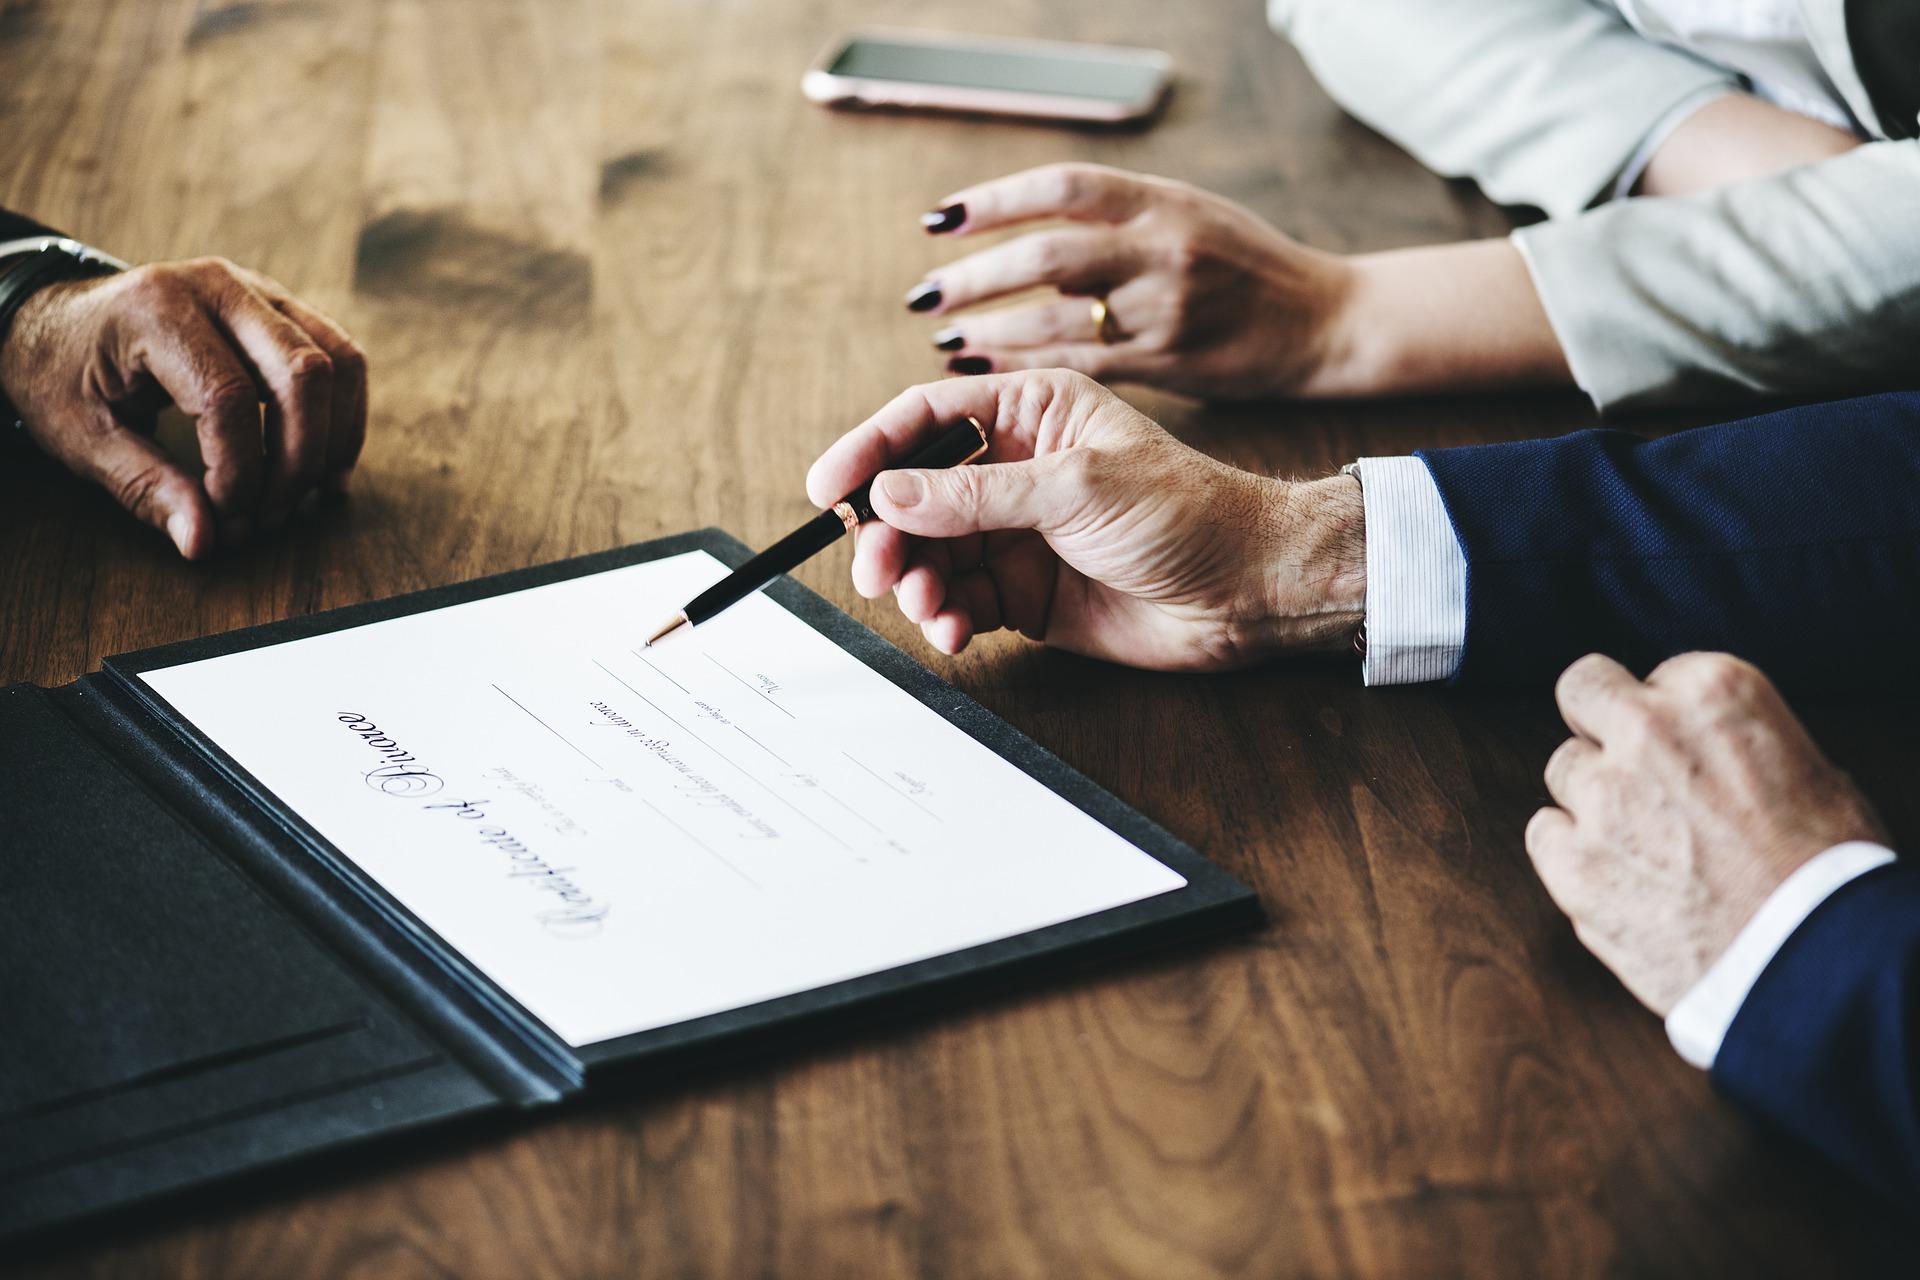 Huwelijksvermogensrecht. Personen- en familierecht. Gebruik van achternaam bij huwelijk of scheiding.